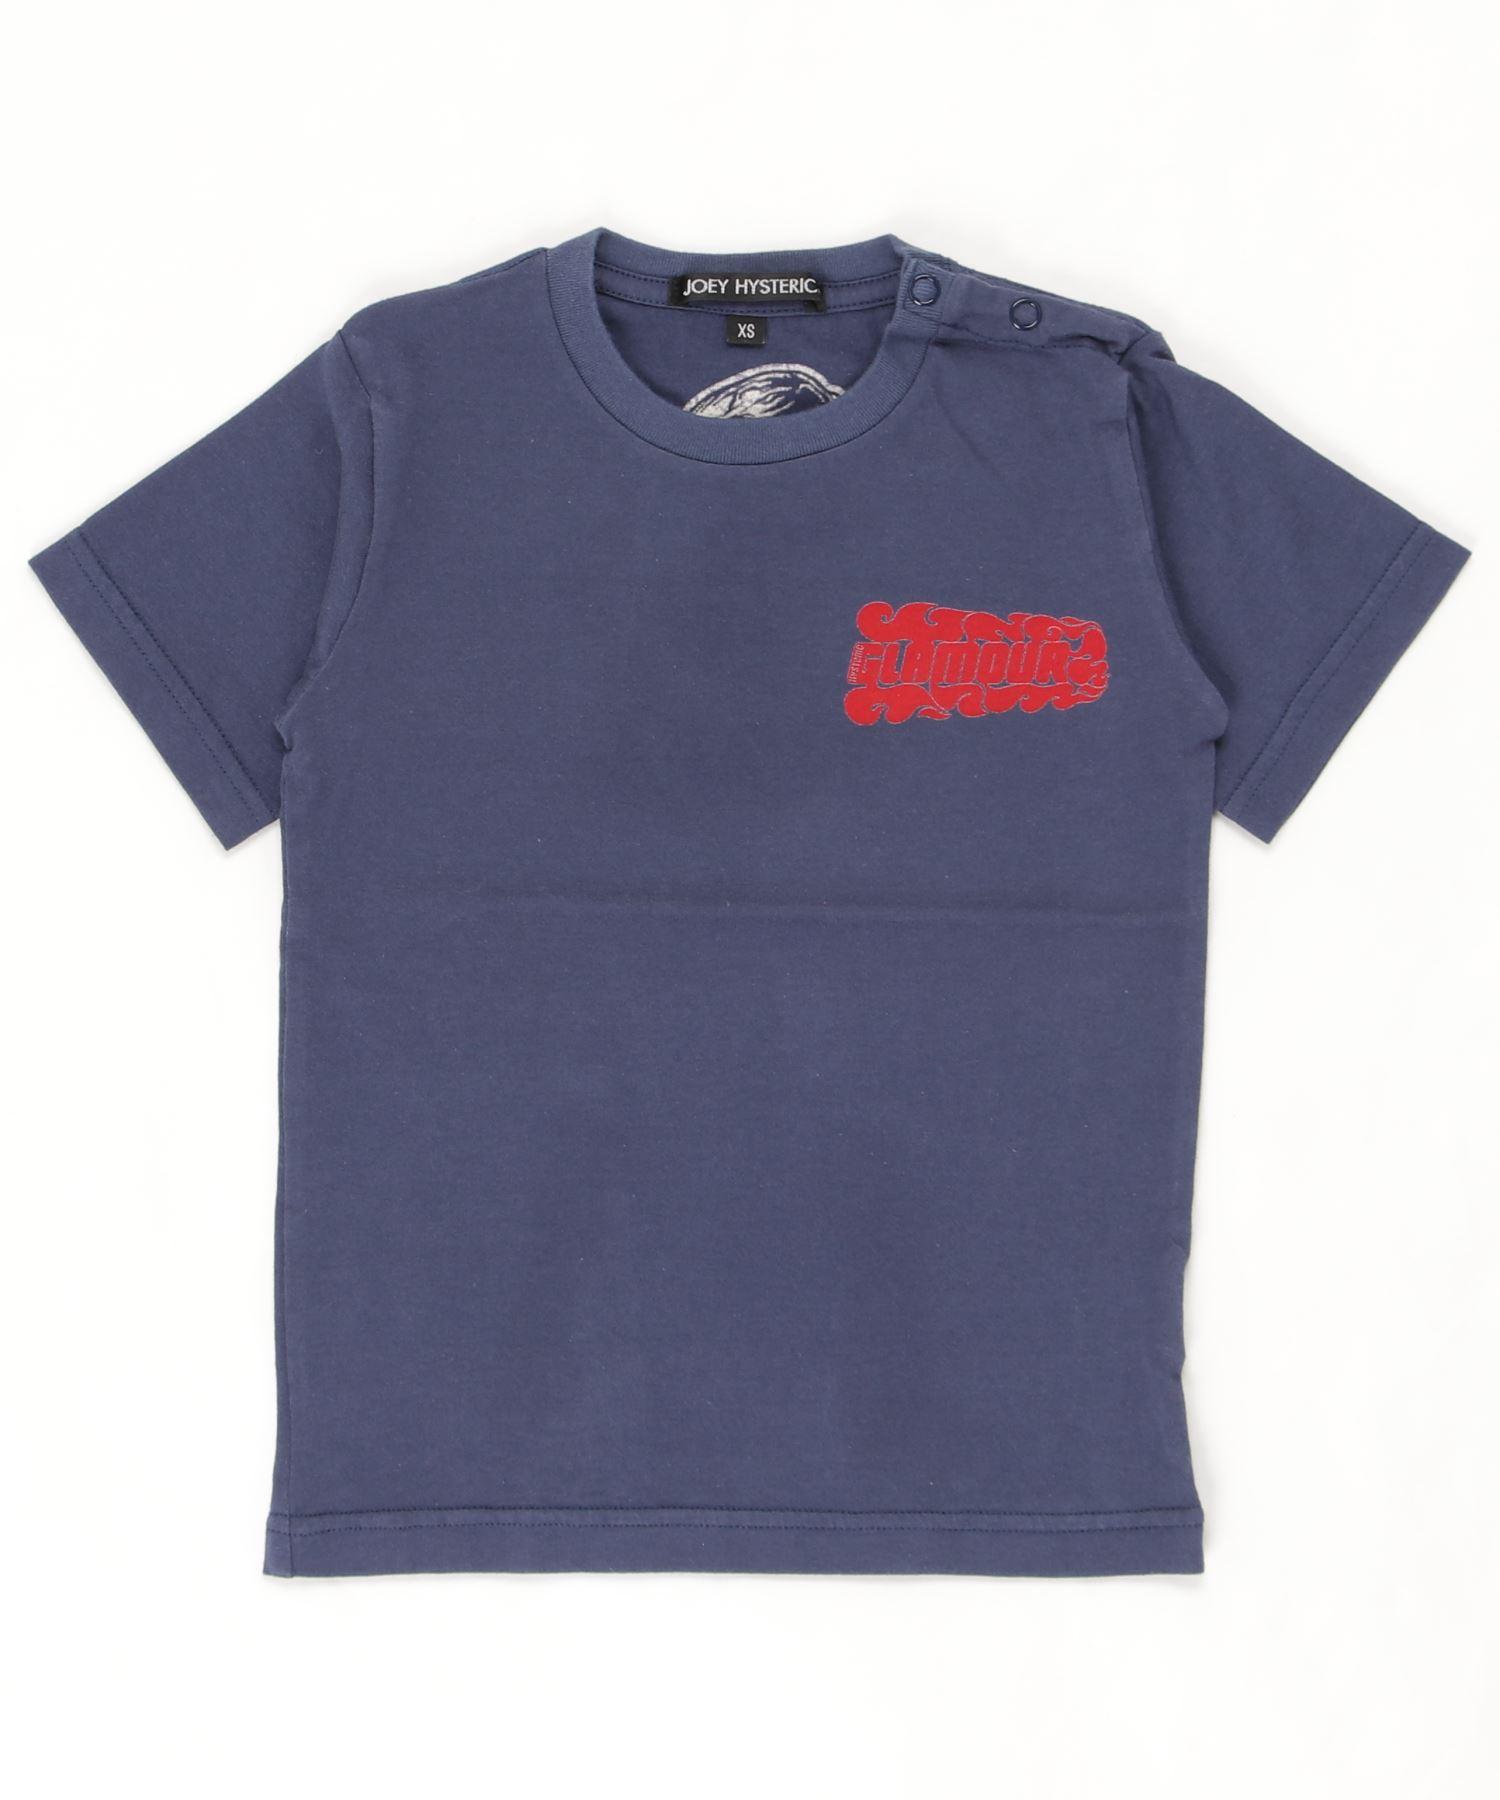 VIXEN GIRL Tシャツ【XS/S/M】